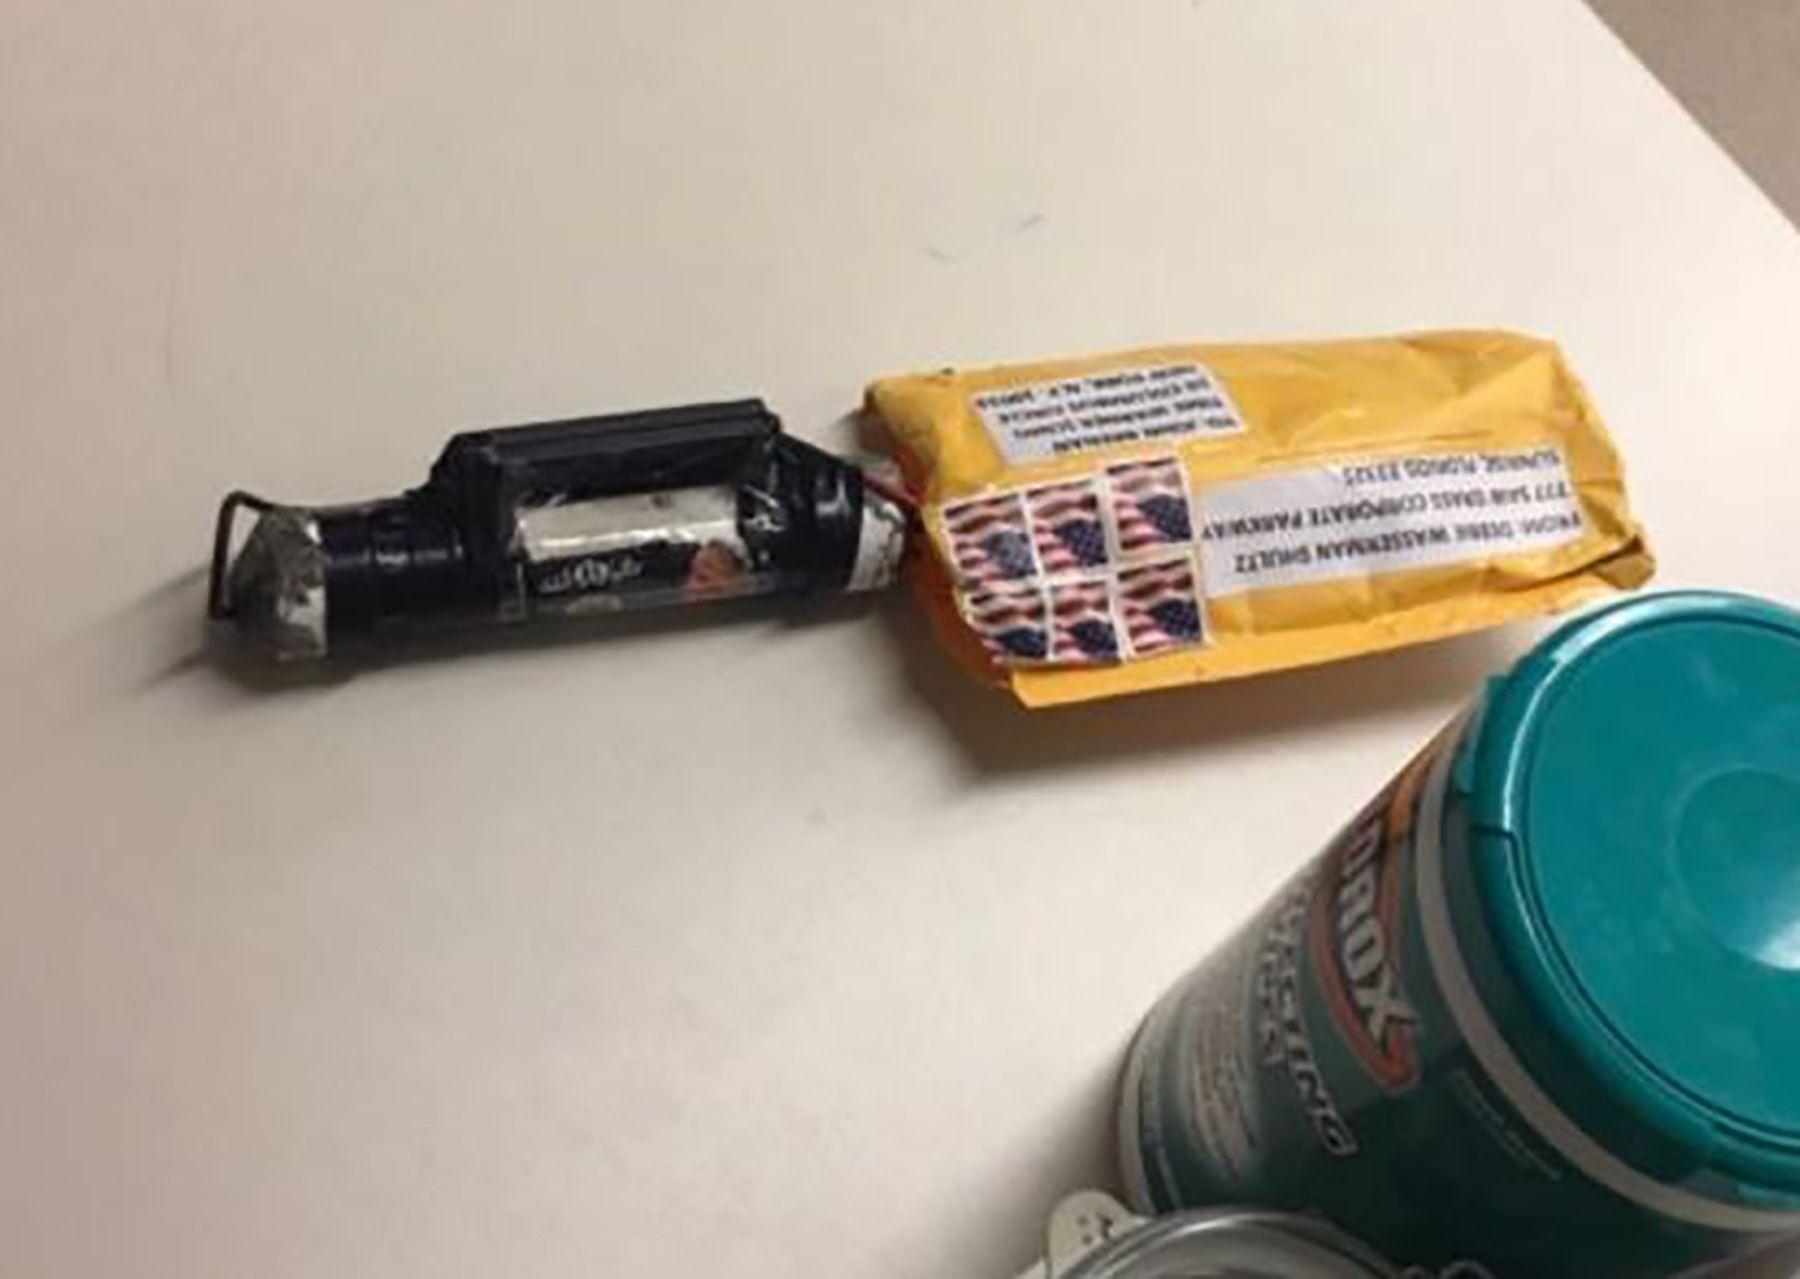 BOMBEFUNN: Ifølge CNN er dette bombepakken som ble oppdaget i Time Warner-bygningen i New York, der TV-kanalen har sine lokaler.